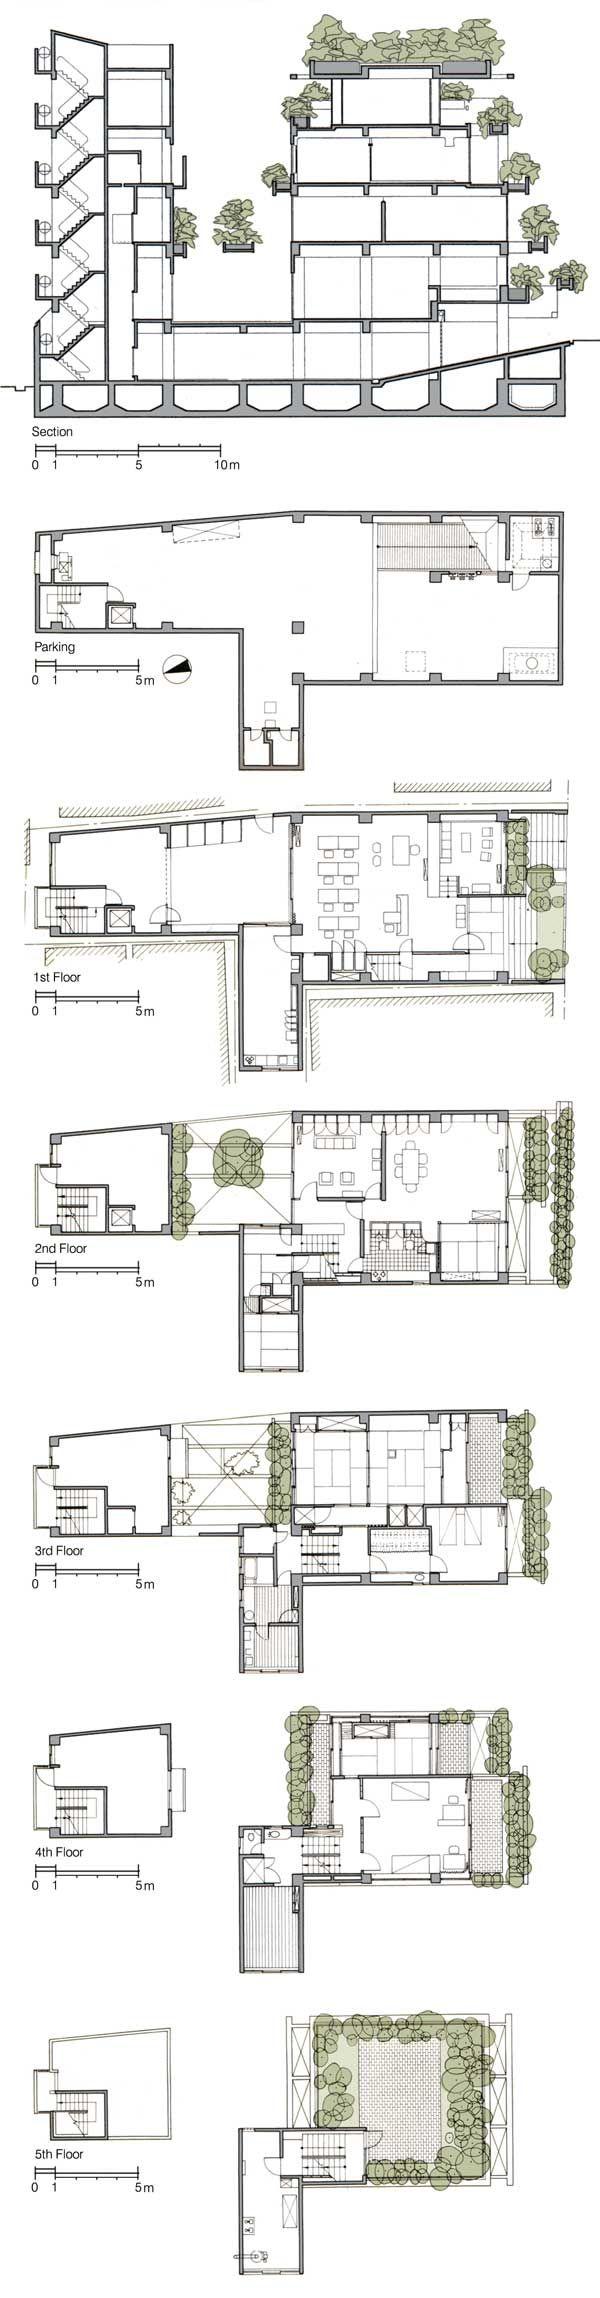 Rokko Housing Section Floor Plans Kobe Japan Tadao Ando Floor Plans Tadao Ando How To Plan